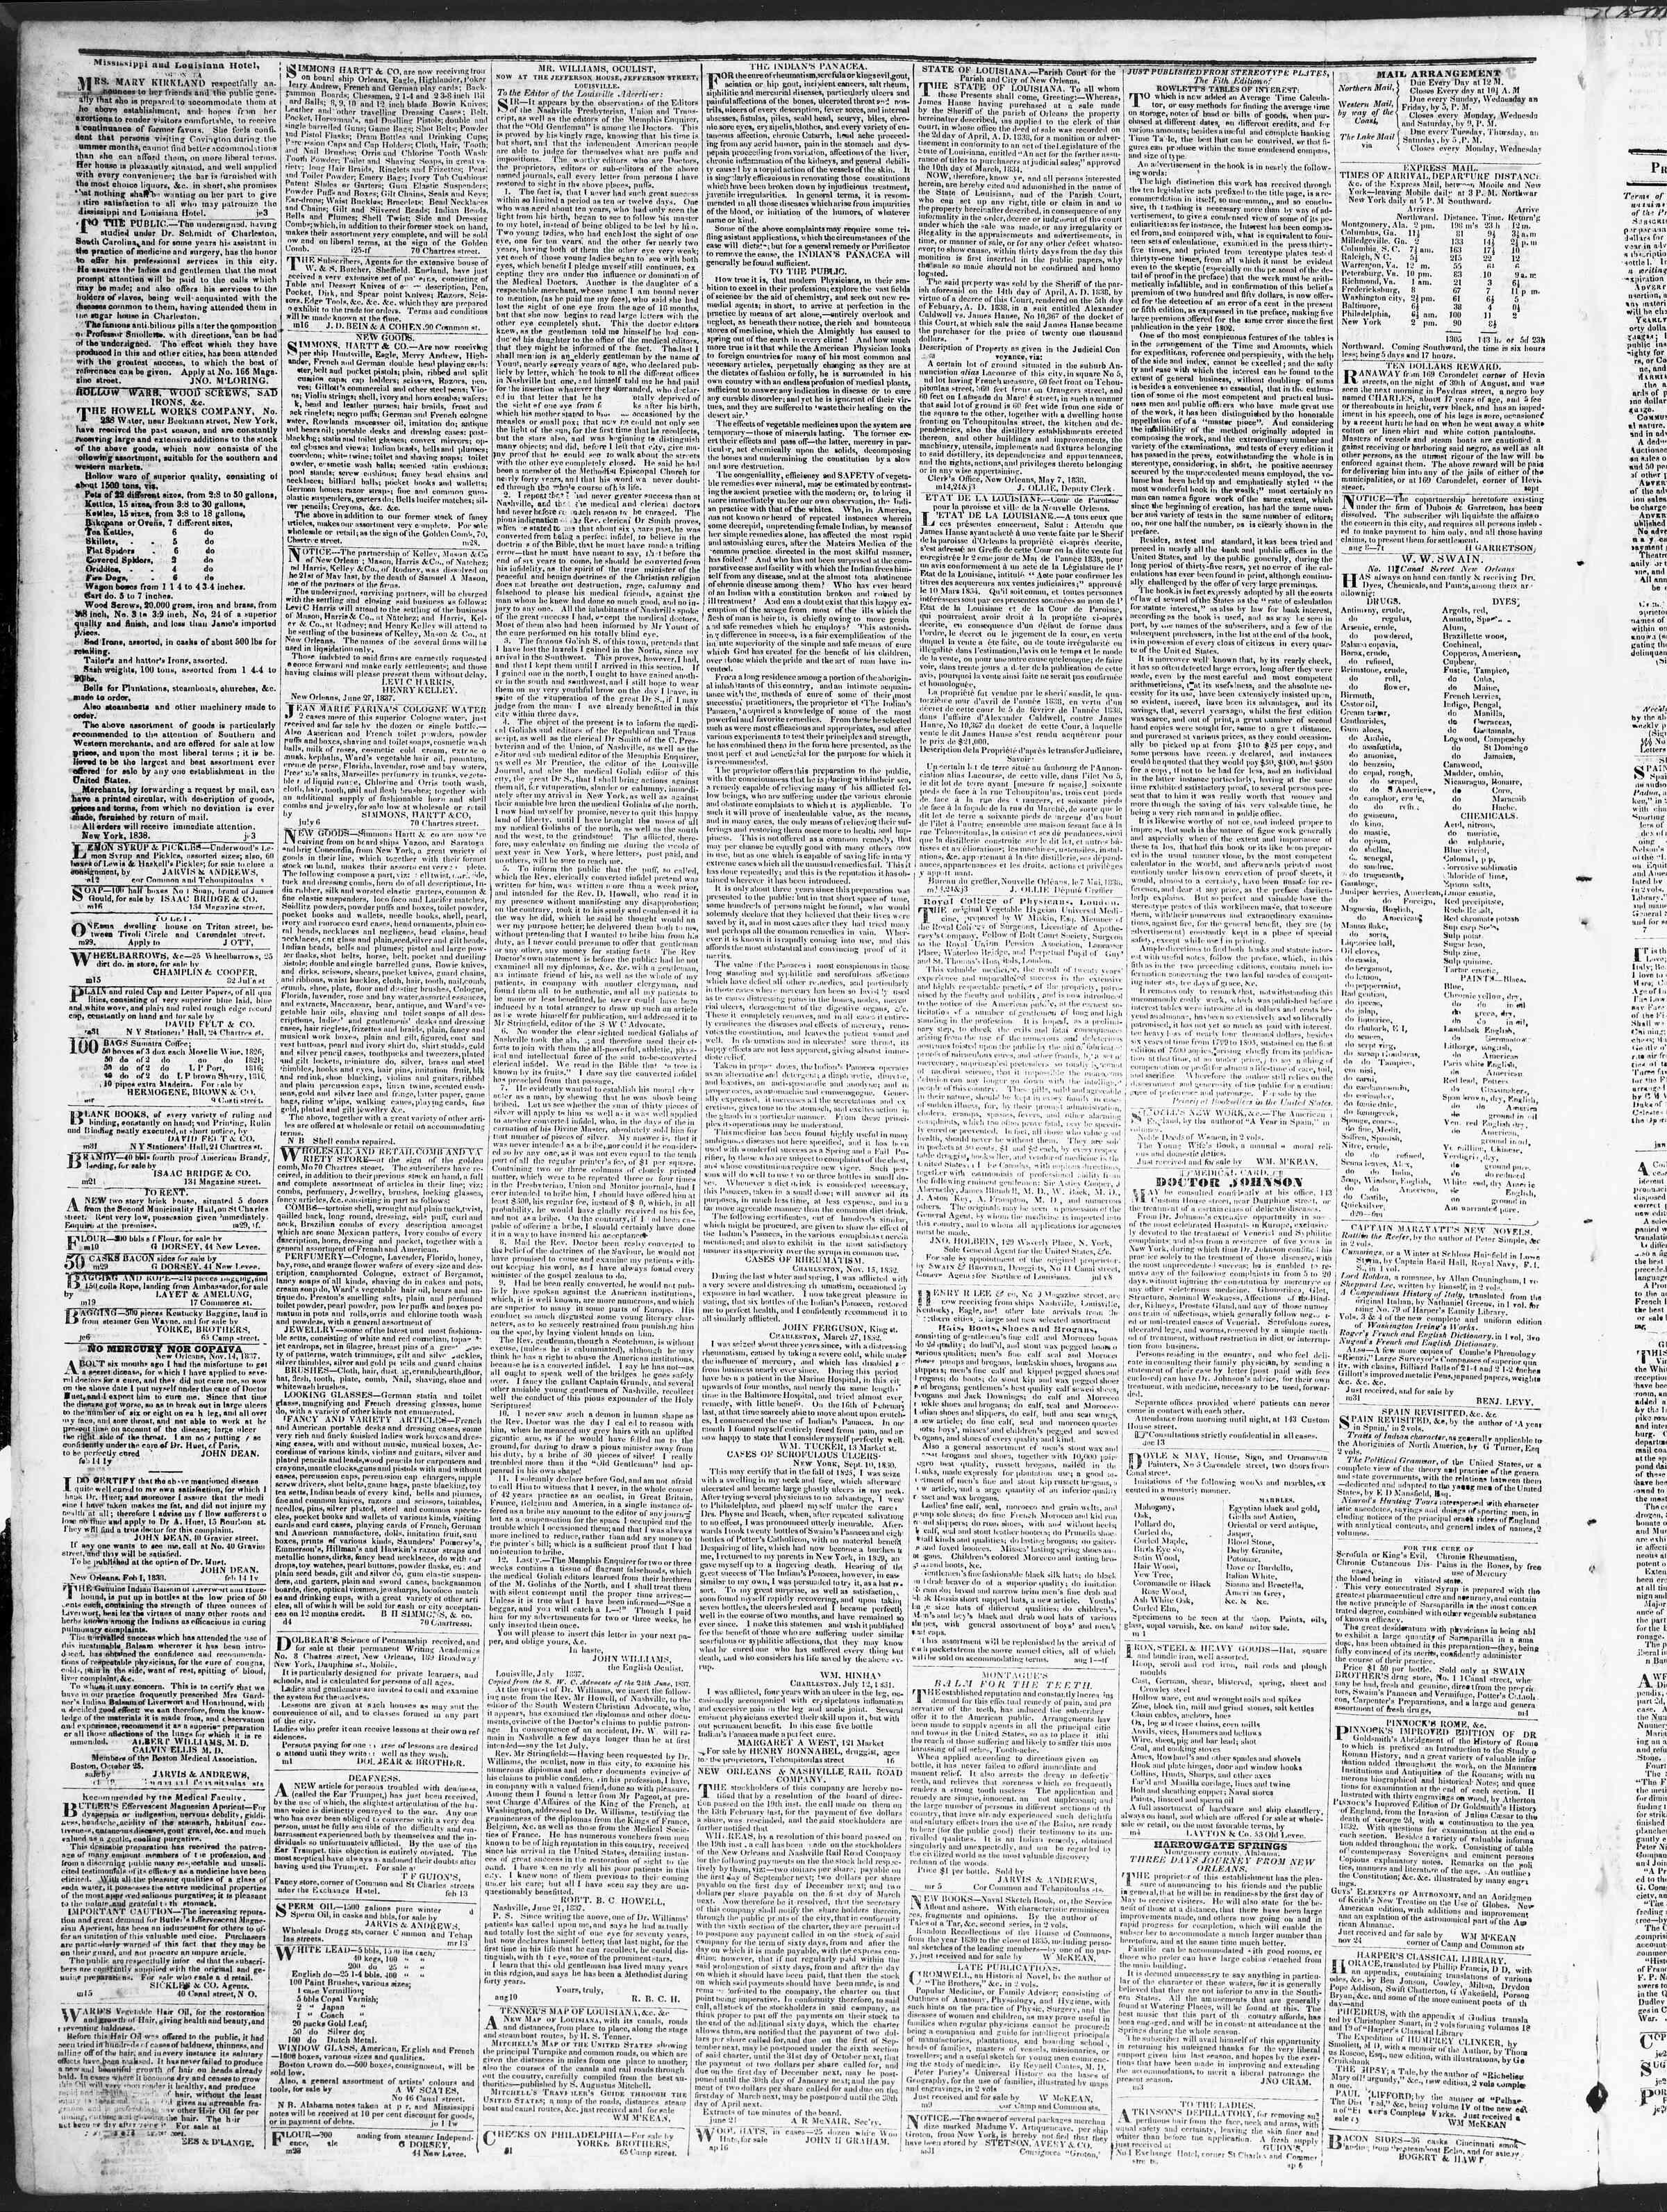 15 Eylül 1838 Tarihli True American Gazetesi Sayfa 4